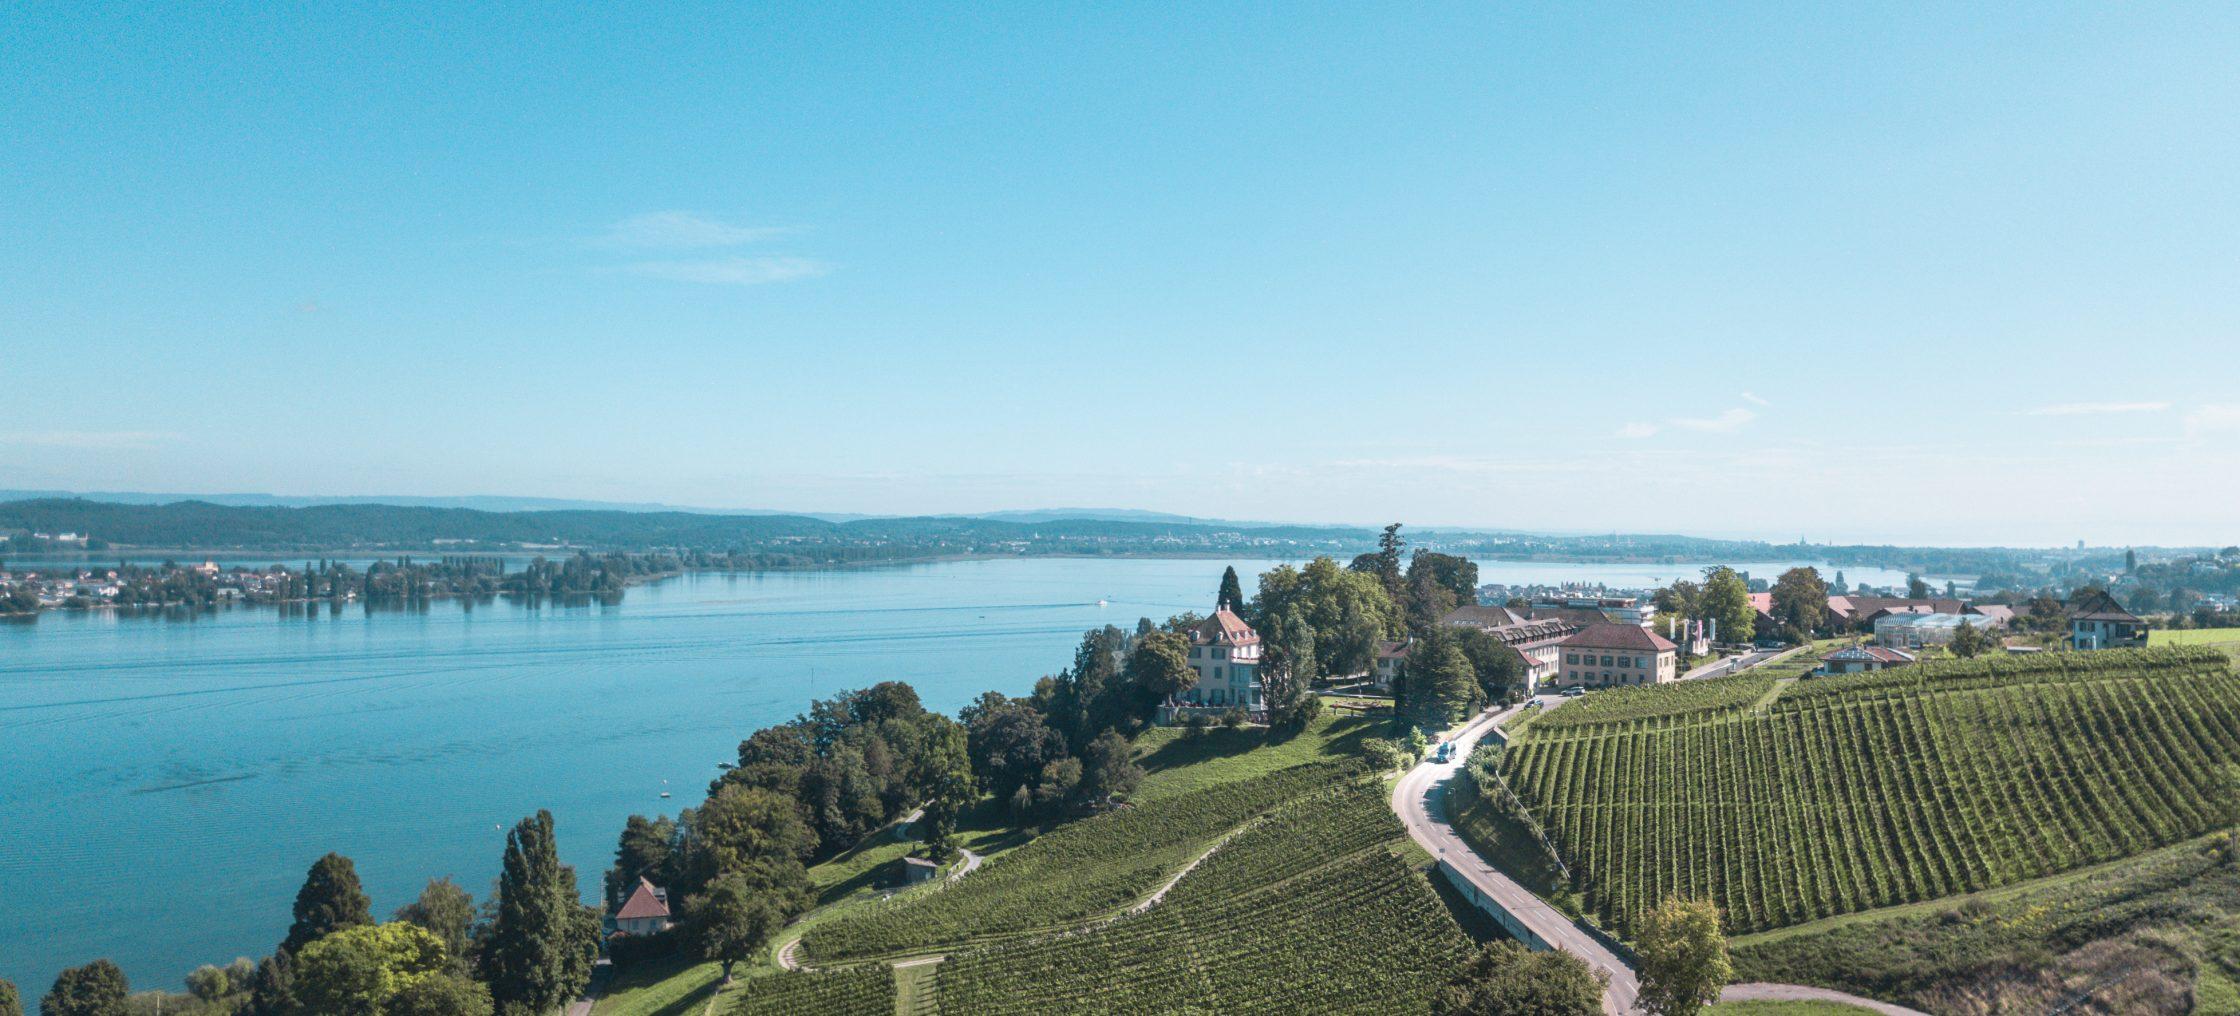 Aussicht auf den Bodensee vom Museum Arenenberg